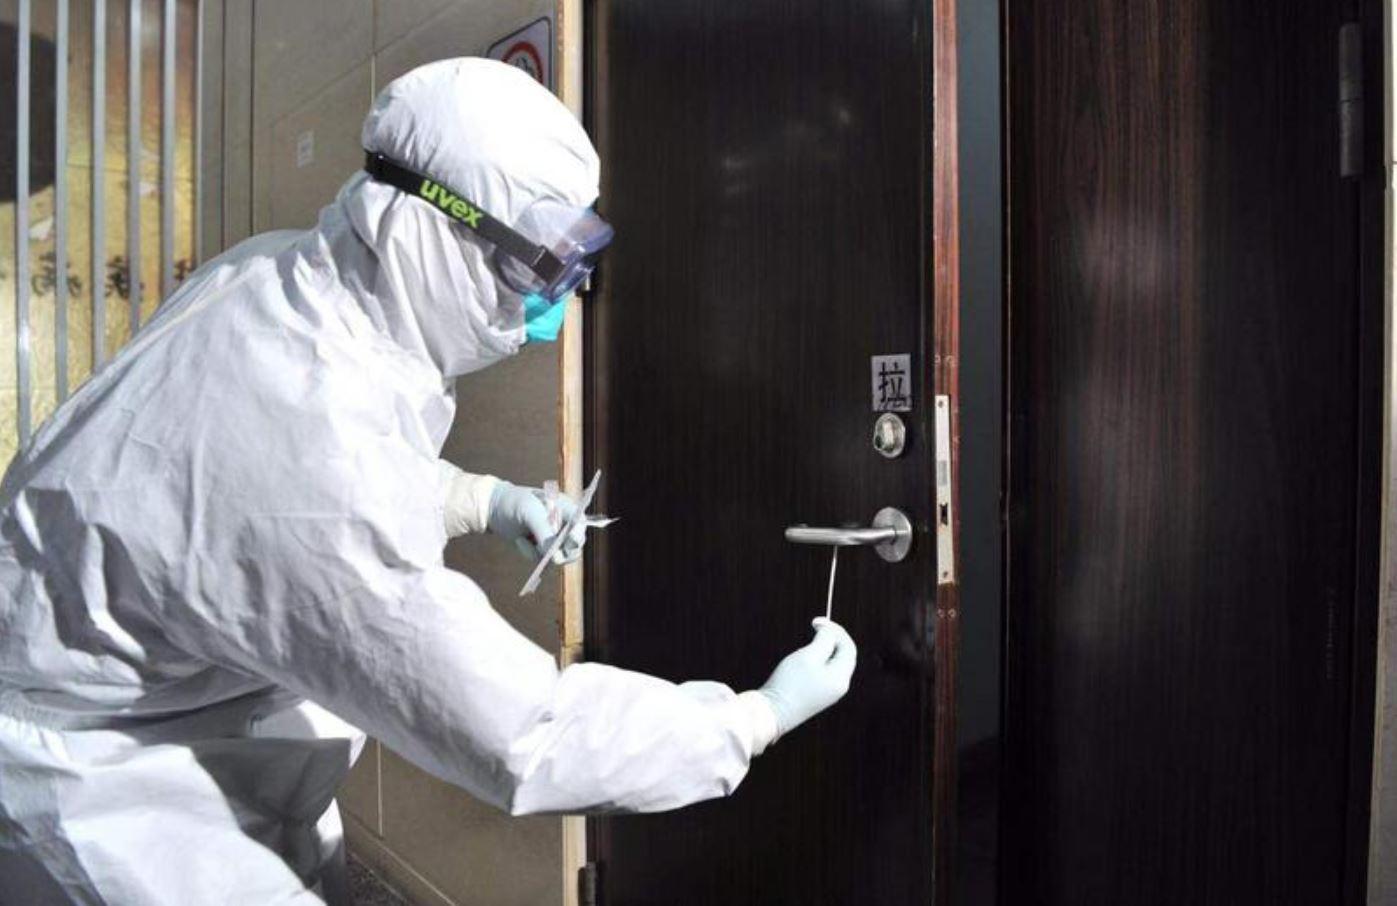 Lần đầu tiên phát hiện virus corona trên tay nắm cửa nhà bệnh nhân